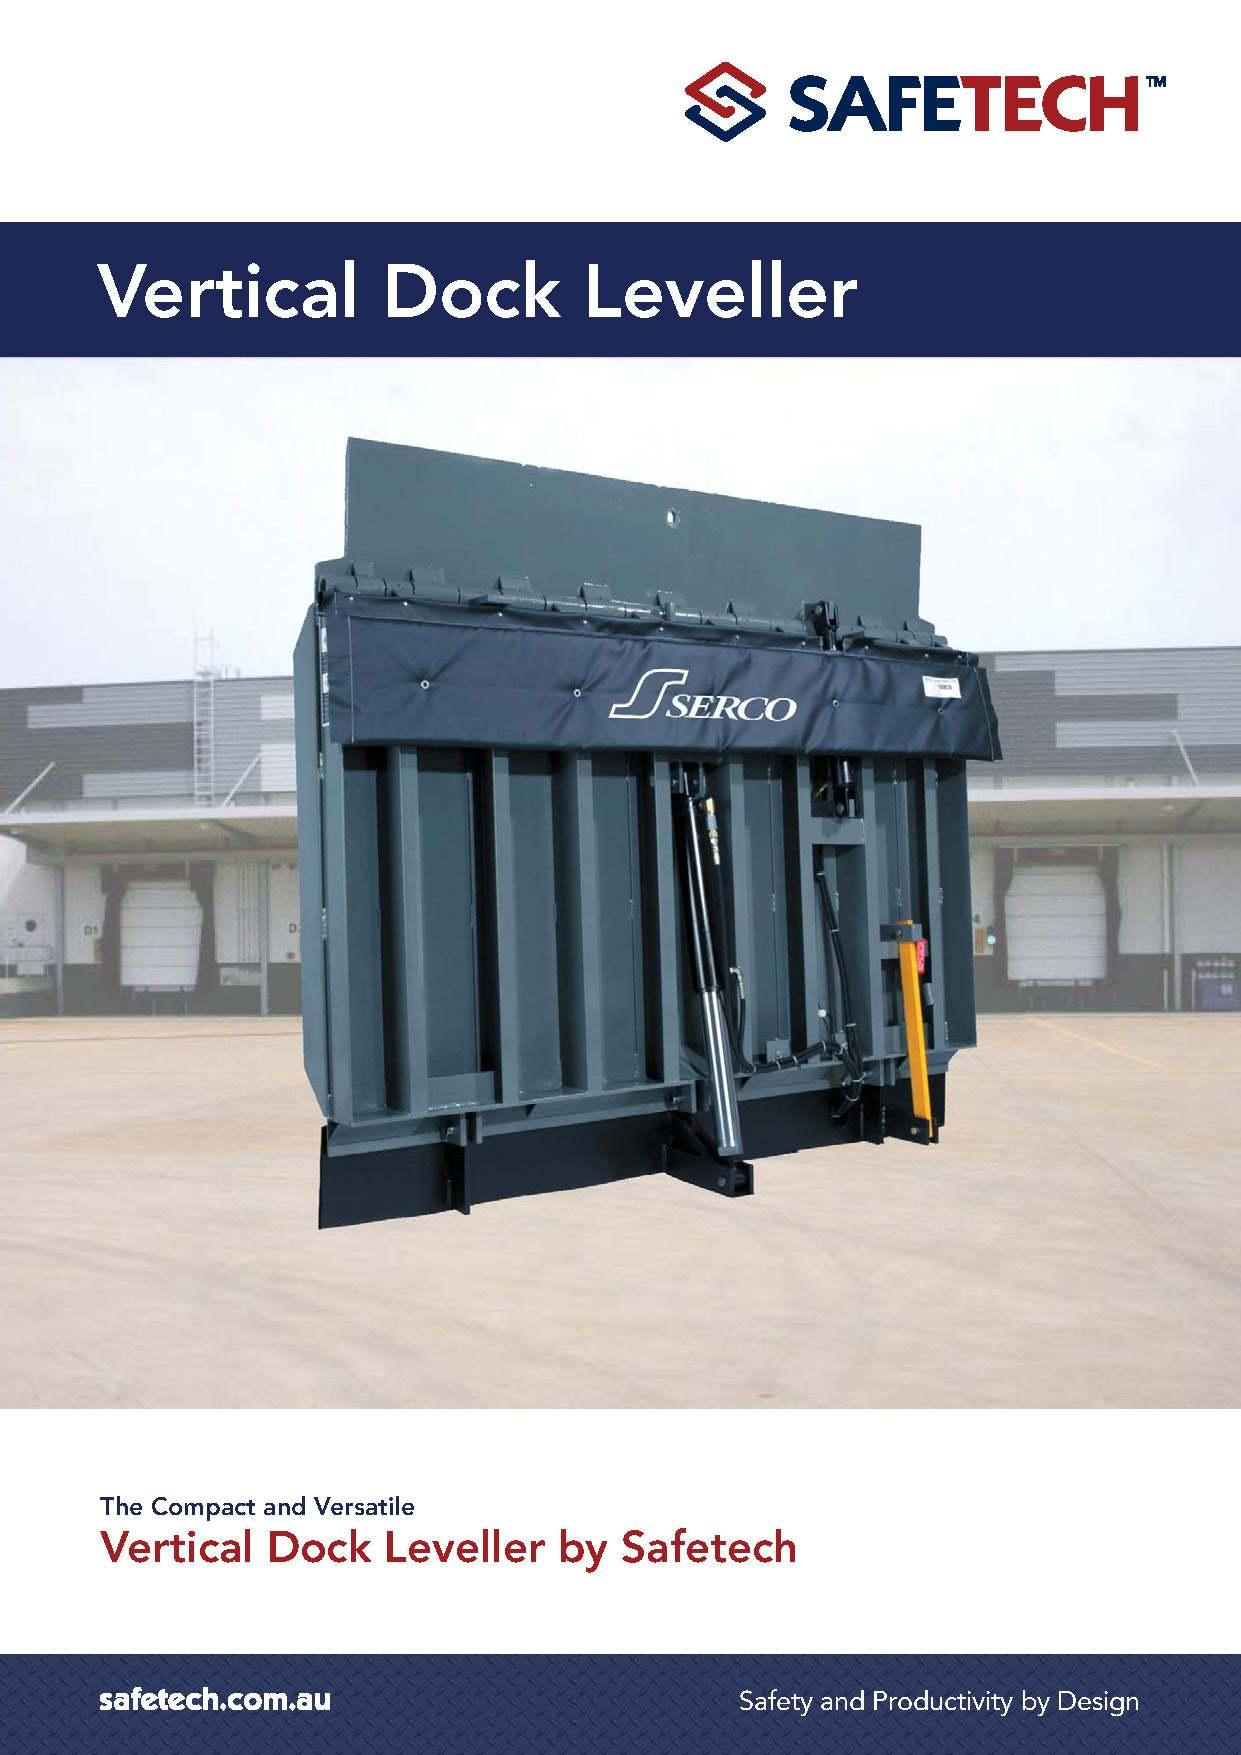 Safetech-VerticalDockLeveller-A4_V1_Page_1